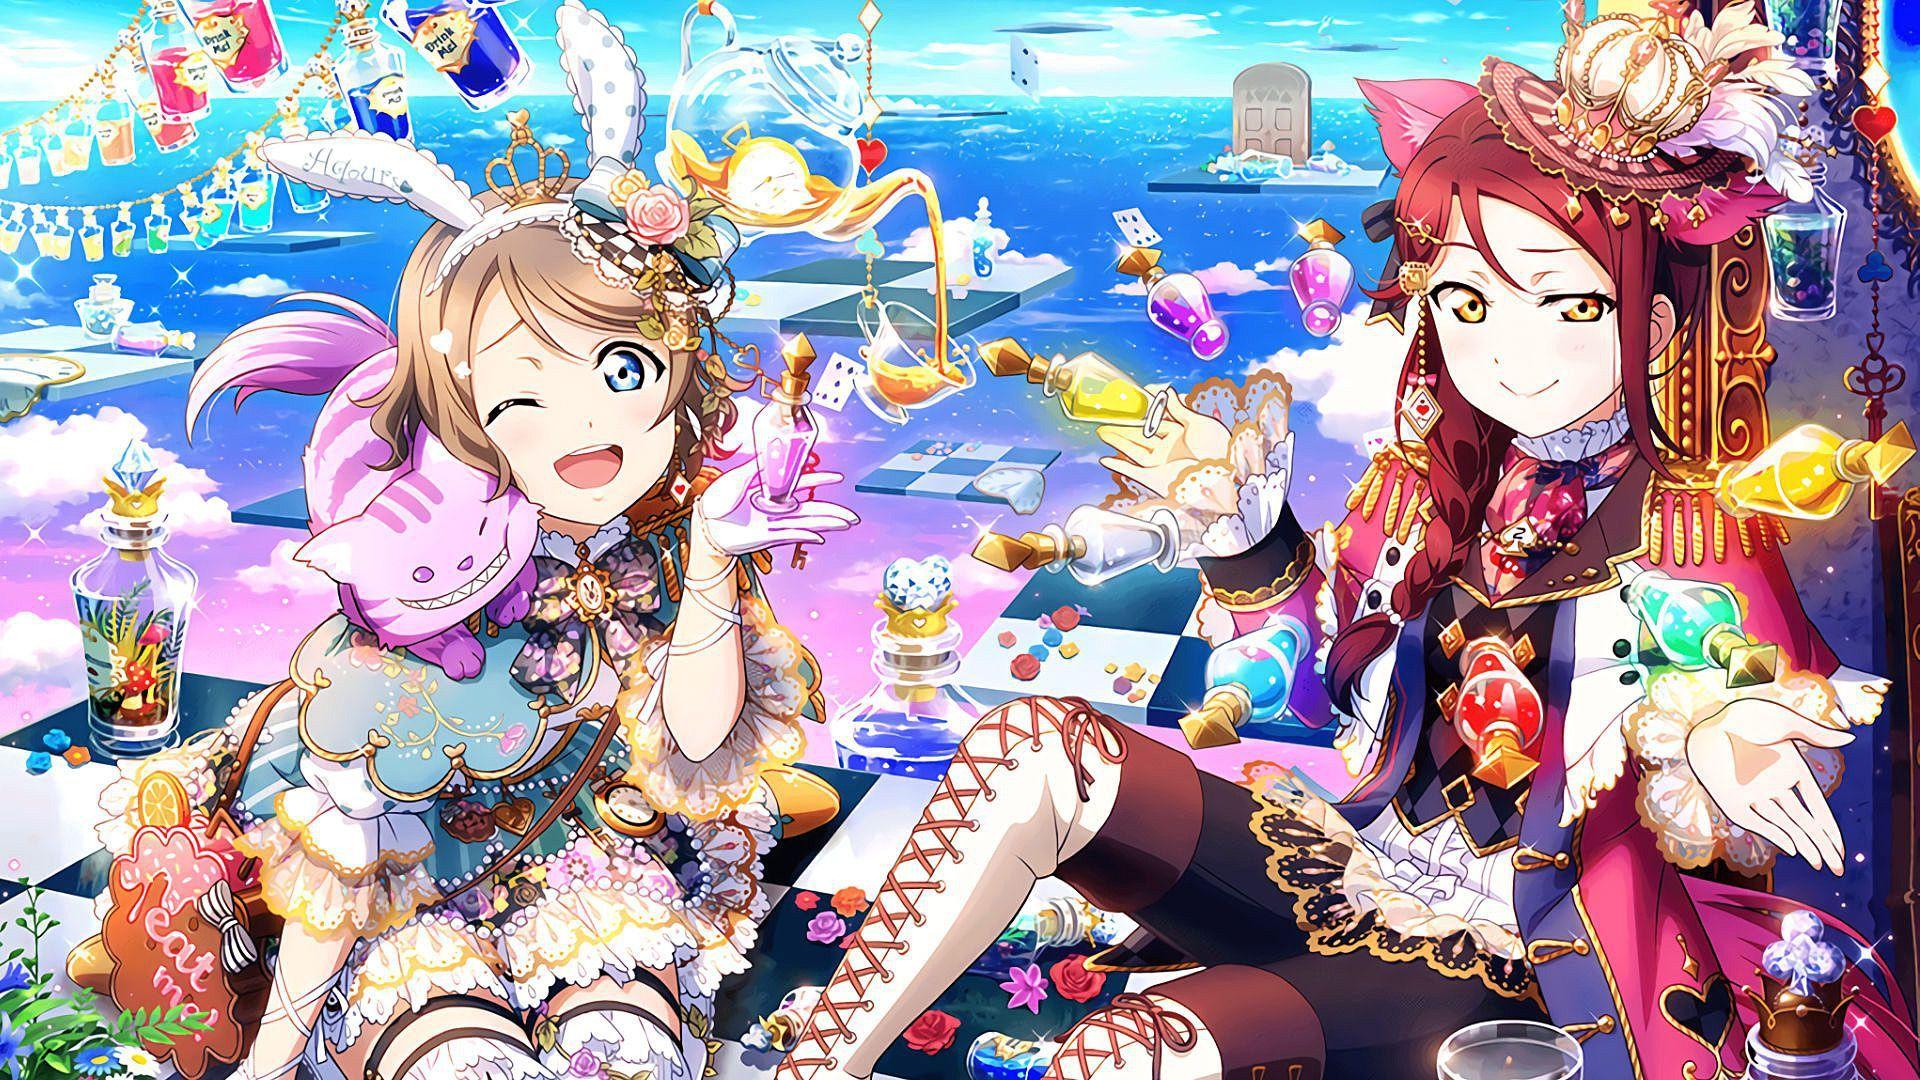 ボード Love Live Sunshine Aqours のピン